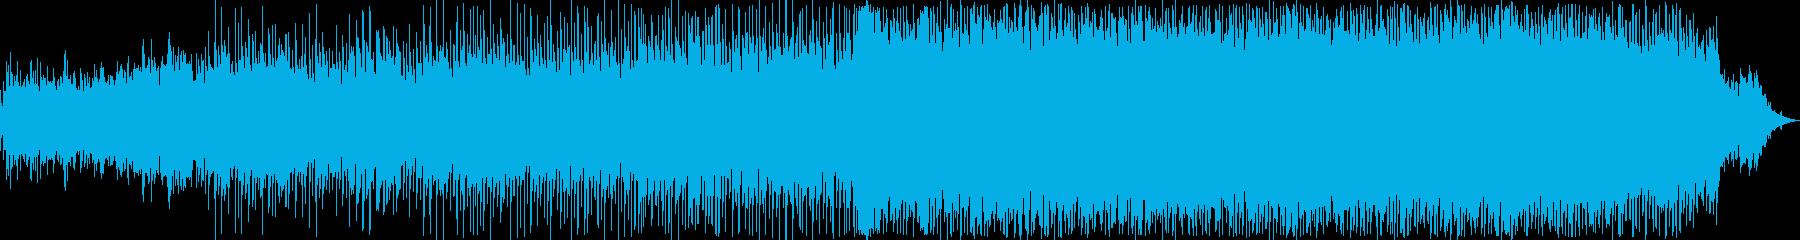 誇り、上品さをイメージしたBGMの再生済みの波形